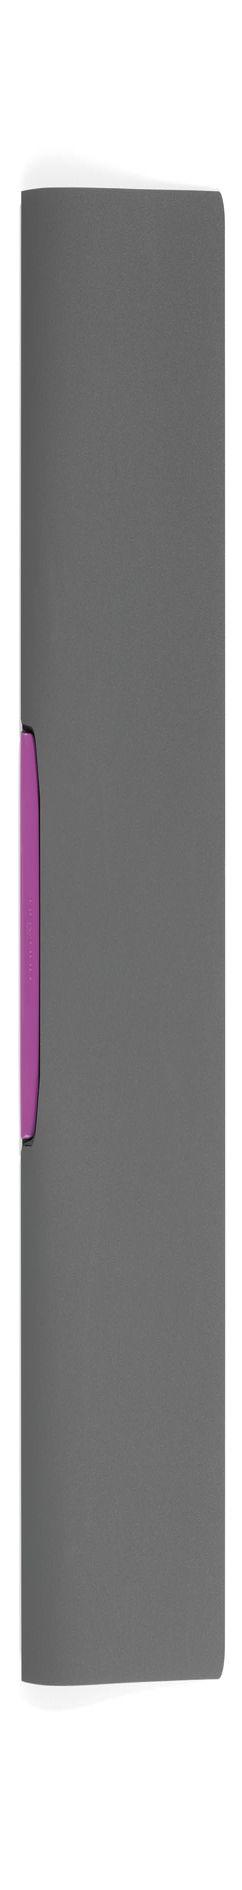 230400-8 Папка DURASWING COLOR с розовым клипом фото